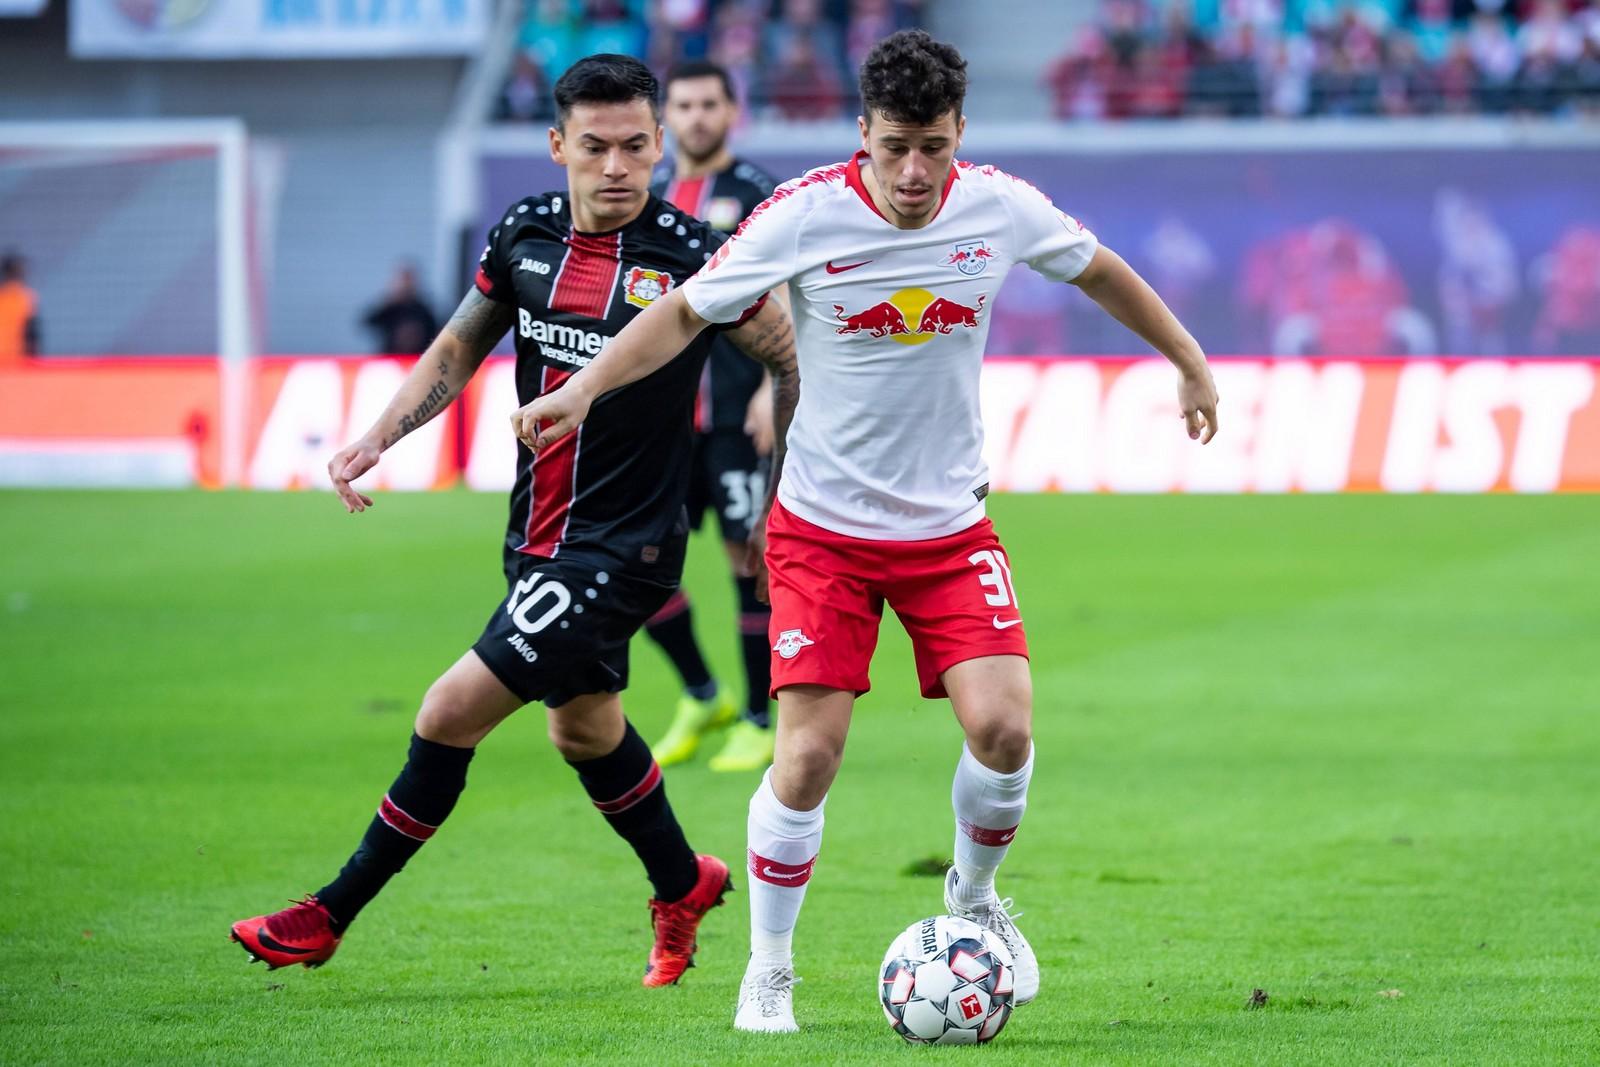 Kann Charles Aranguiz mit Leverkusen wieder punkten? Jetzt auf Leverkusen gegen Leipzig wetten!